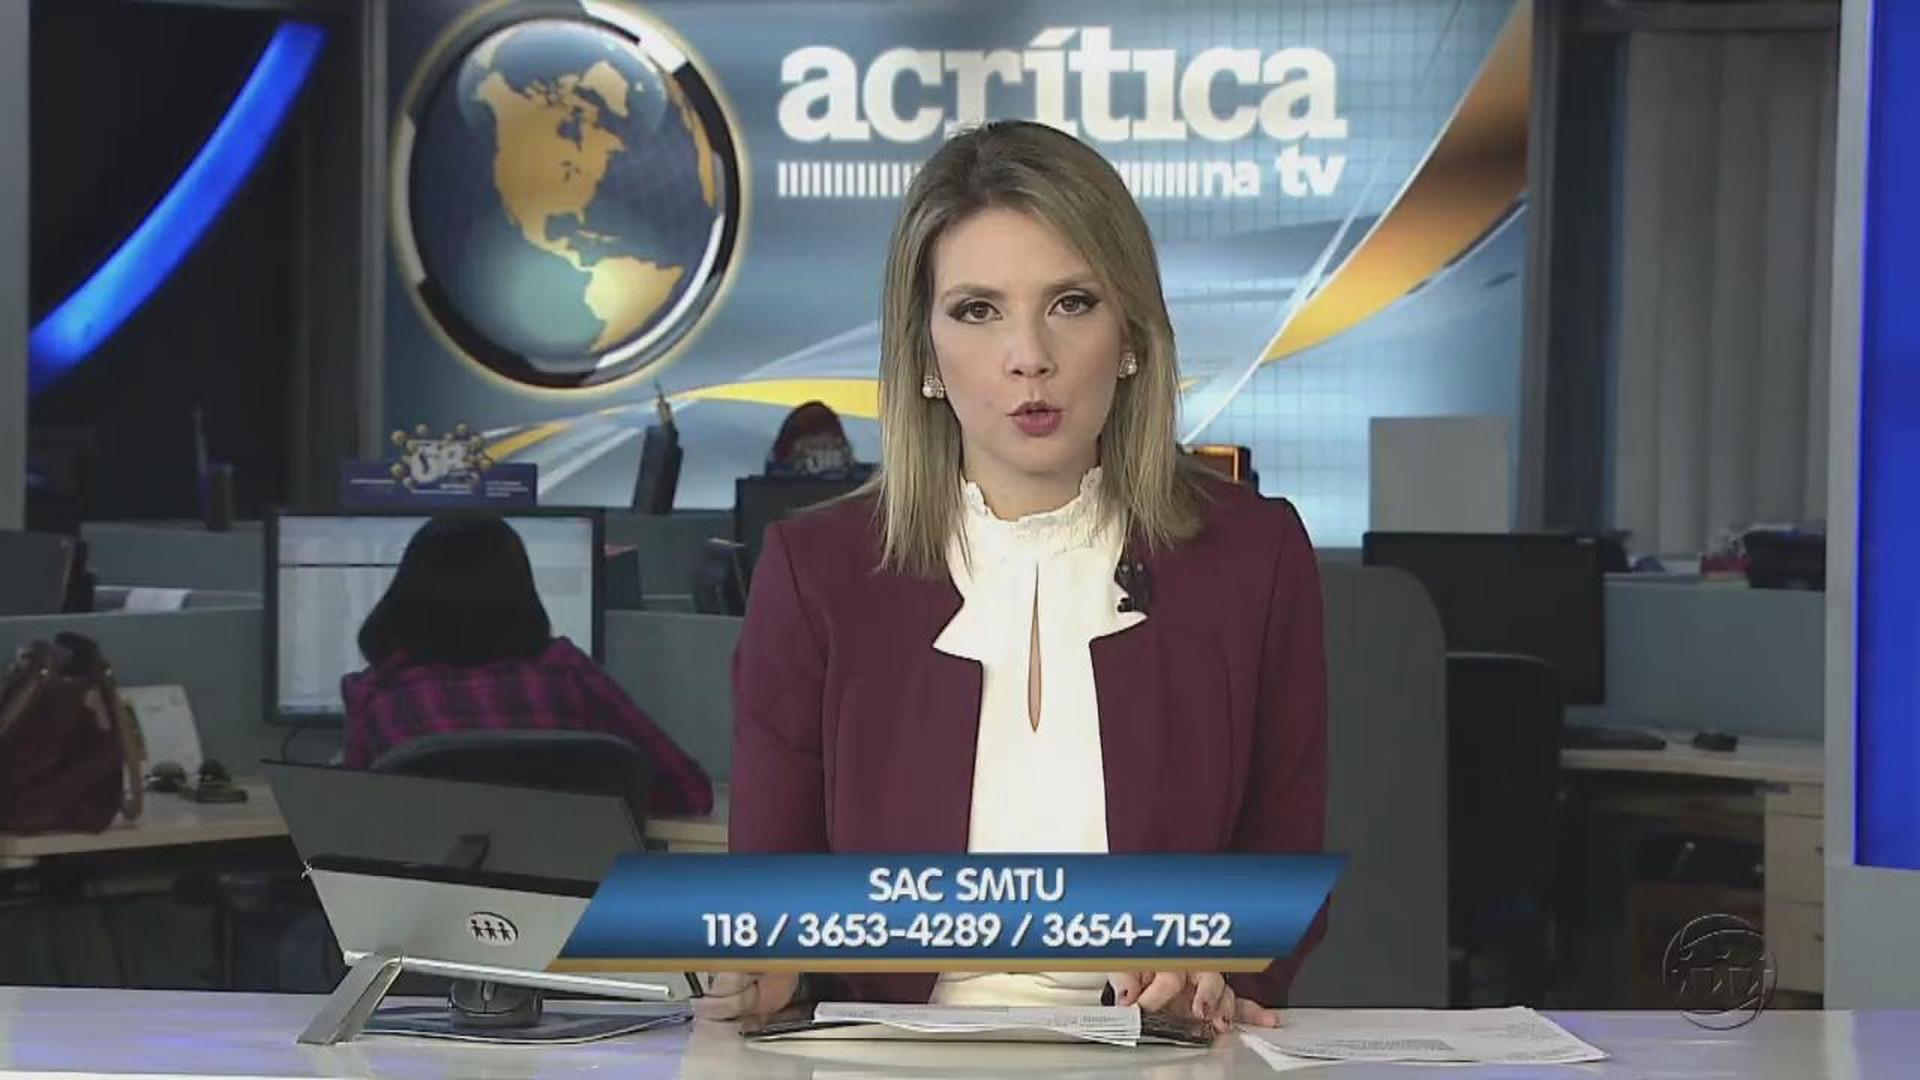 ATENÇÃO: ÔNIBUS NÃO SERÁ GRATUITO NO DOMINGO DE ELEIÇÃO - A Crítica Na Tv - 03/08/17